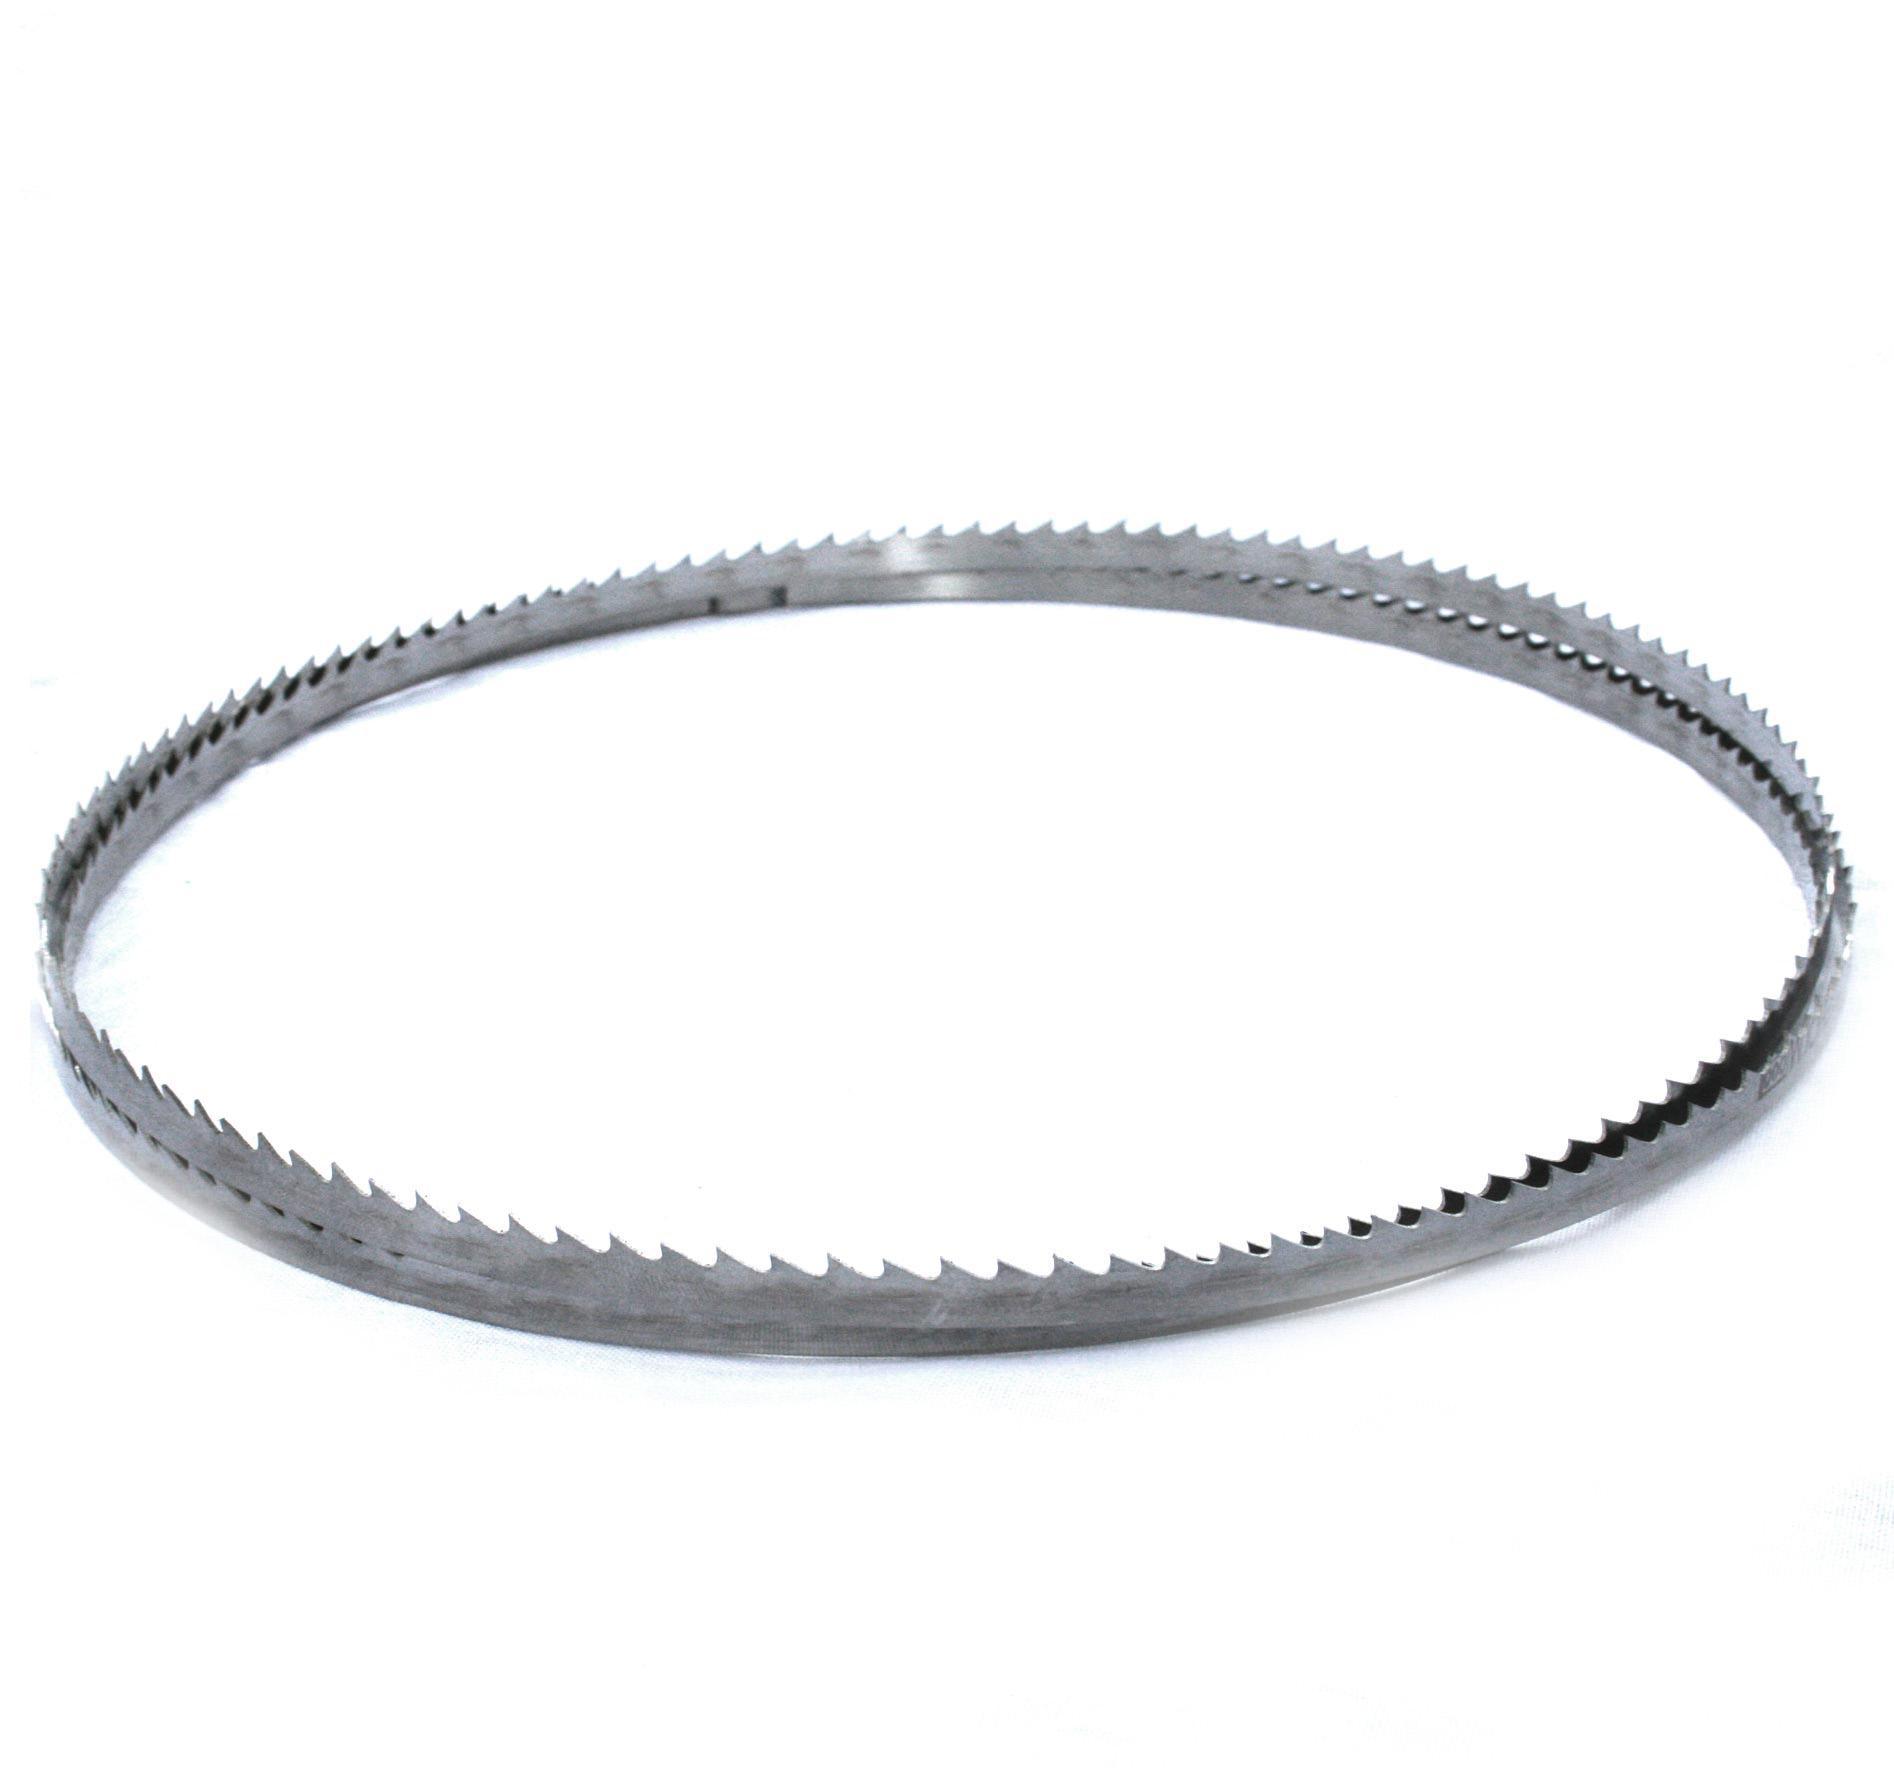 Sägeband 1575 mm von 6-10 mm Breite für Bandsägen (Holz) Sägeband mit 8mm Breite